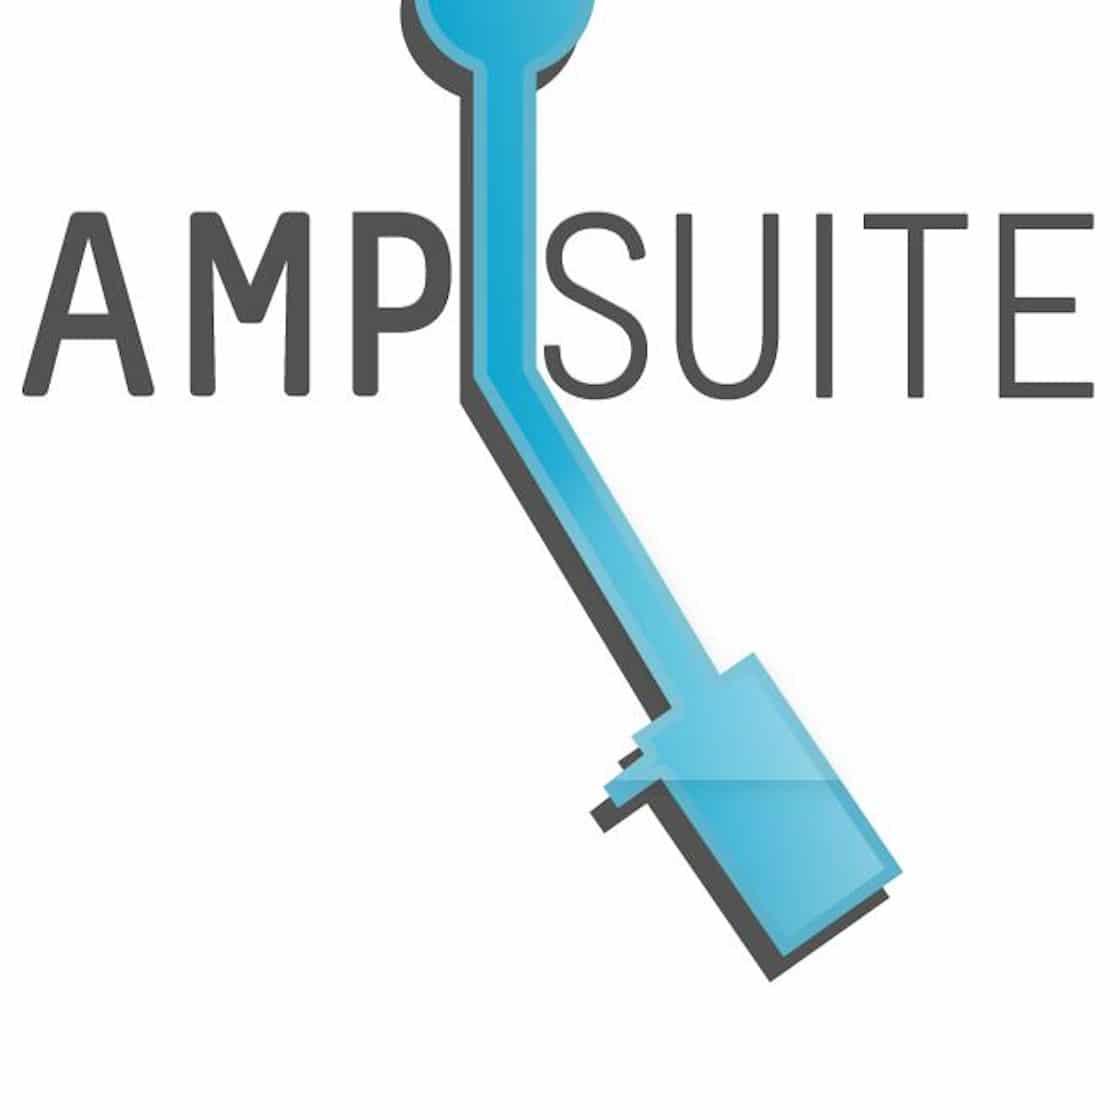 ampsuite